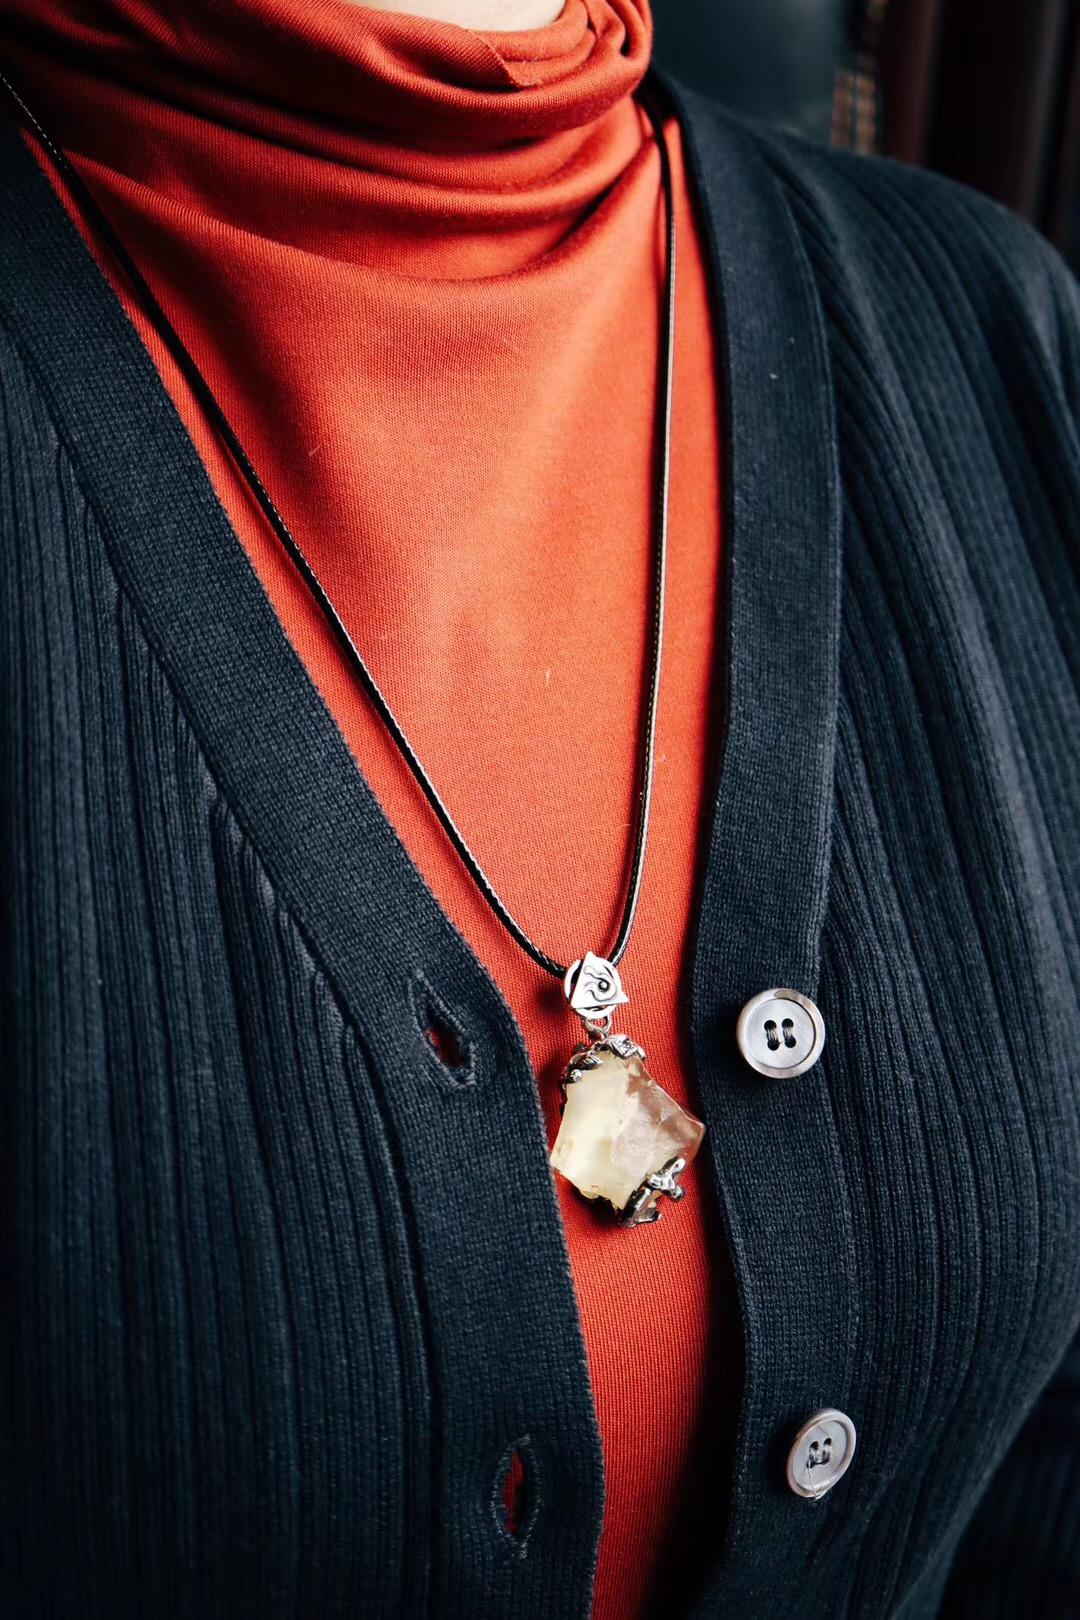 【利比亚黄金陨石】这一枚黄金陨石,表达了爱与自由-菩心晶舍